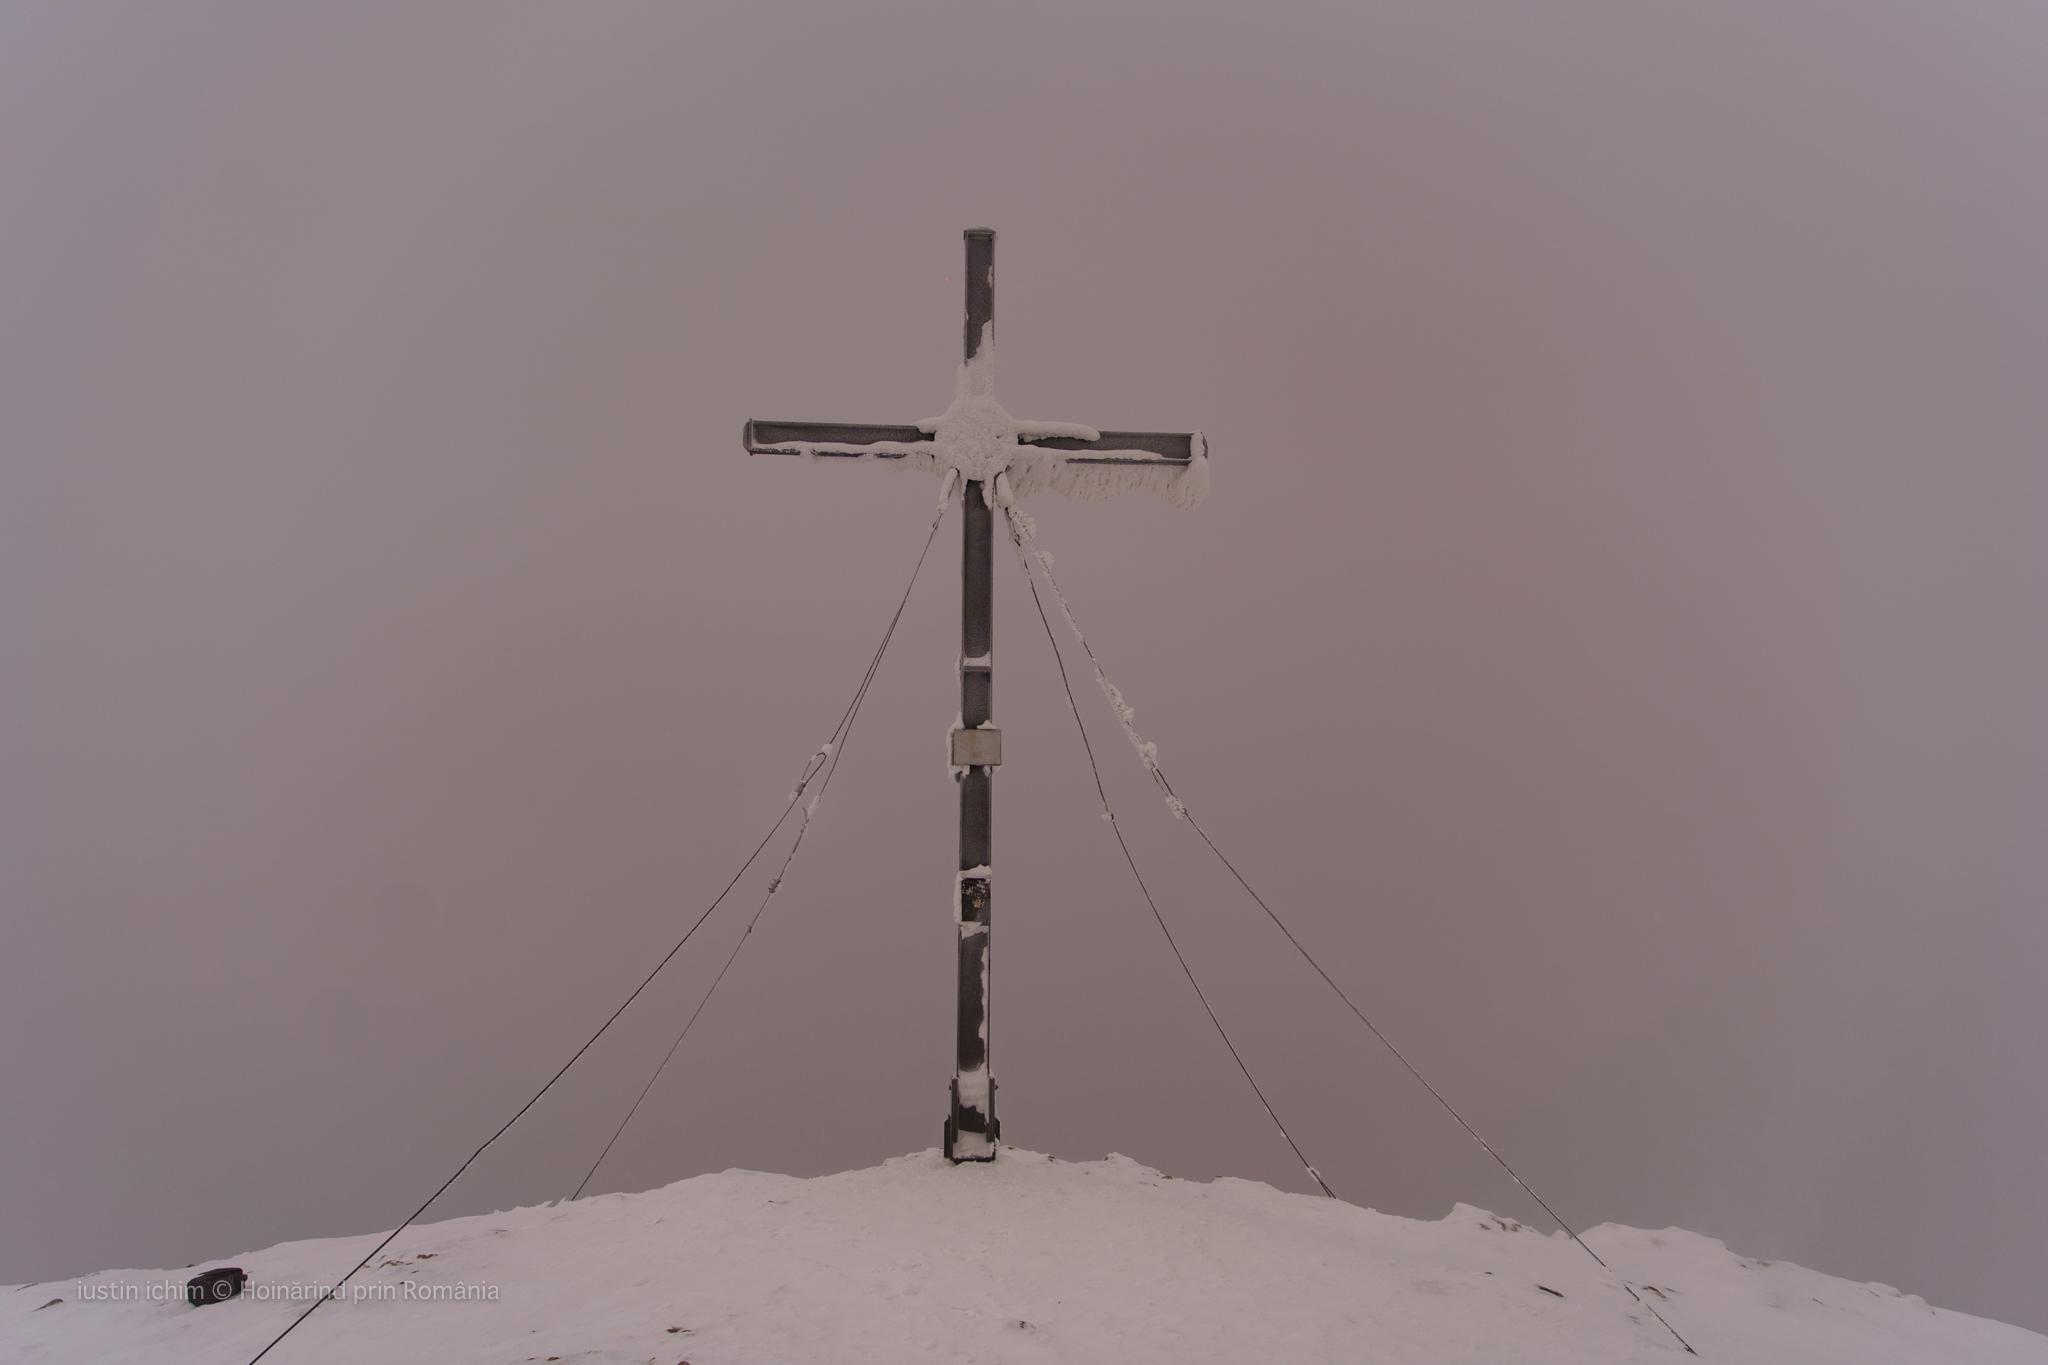 Crucea de langa Vf Hășmașul Mare